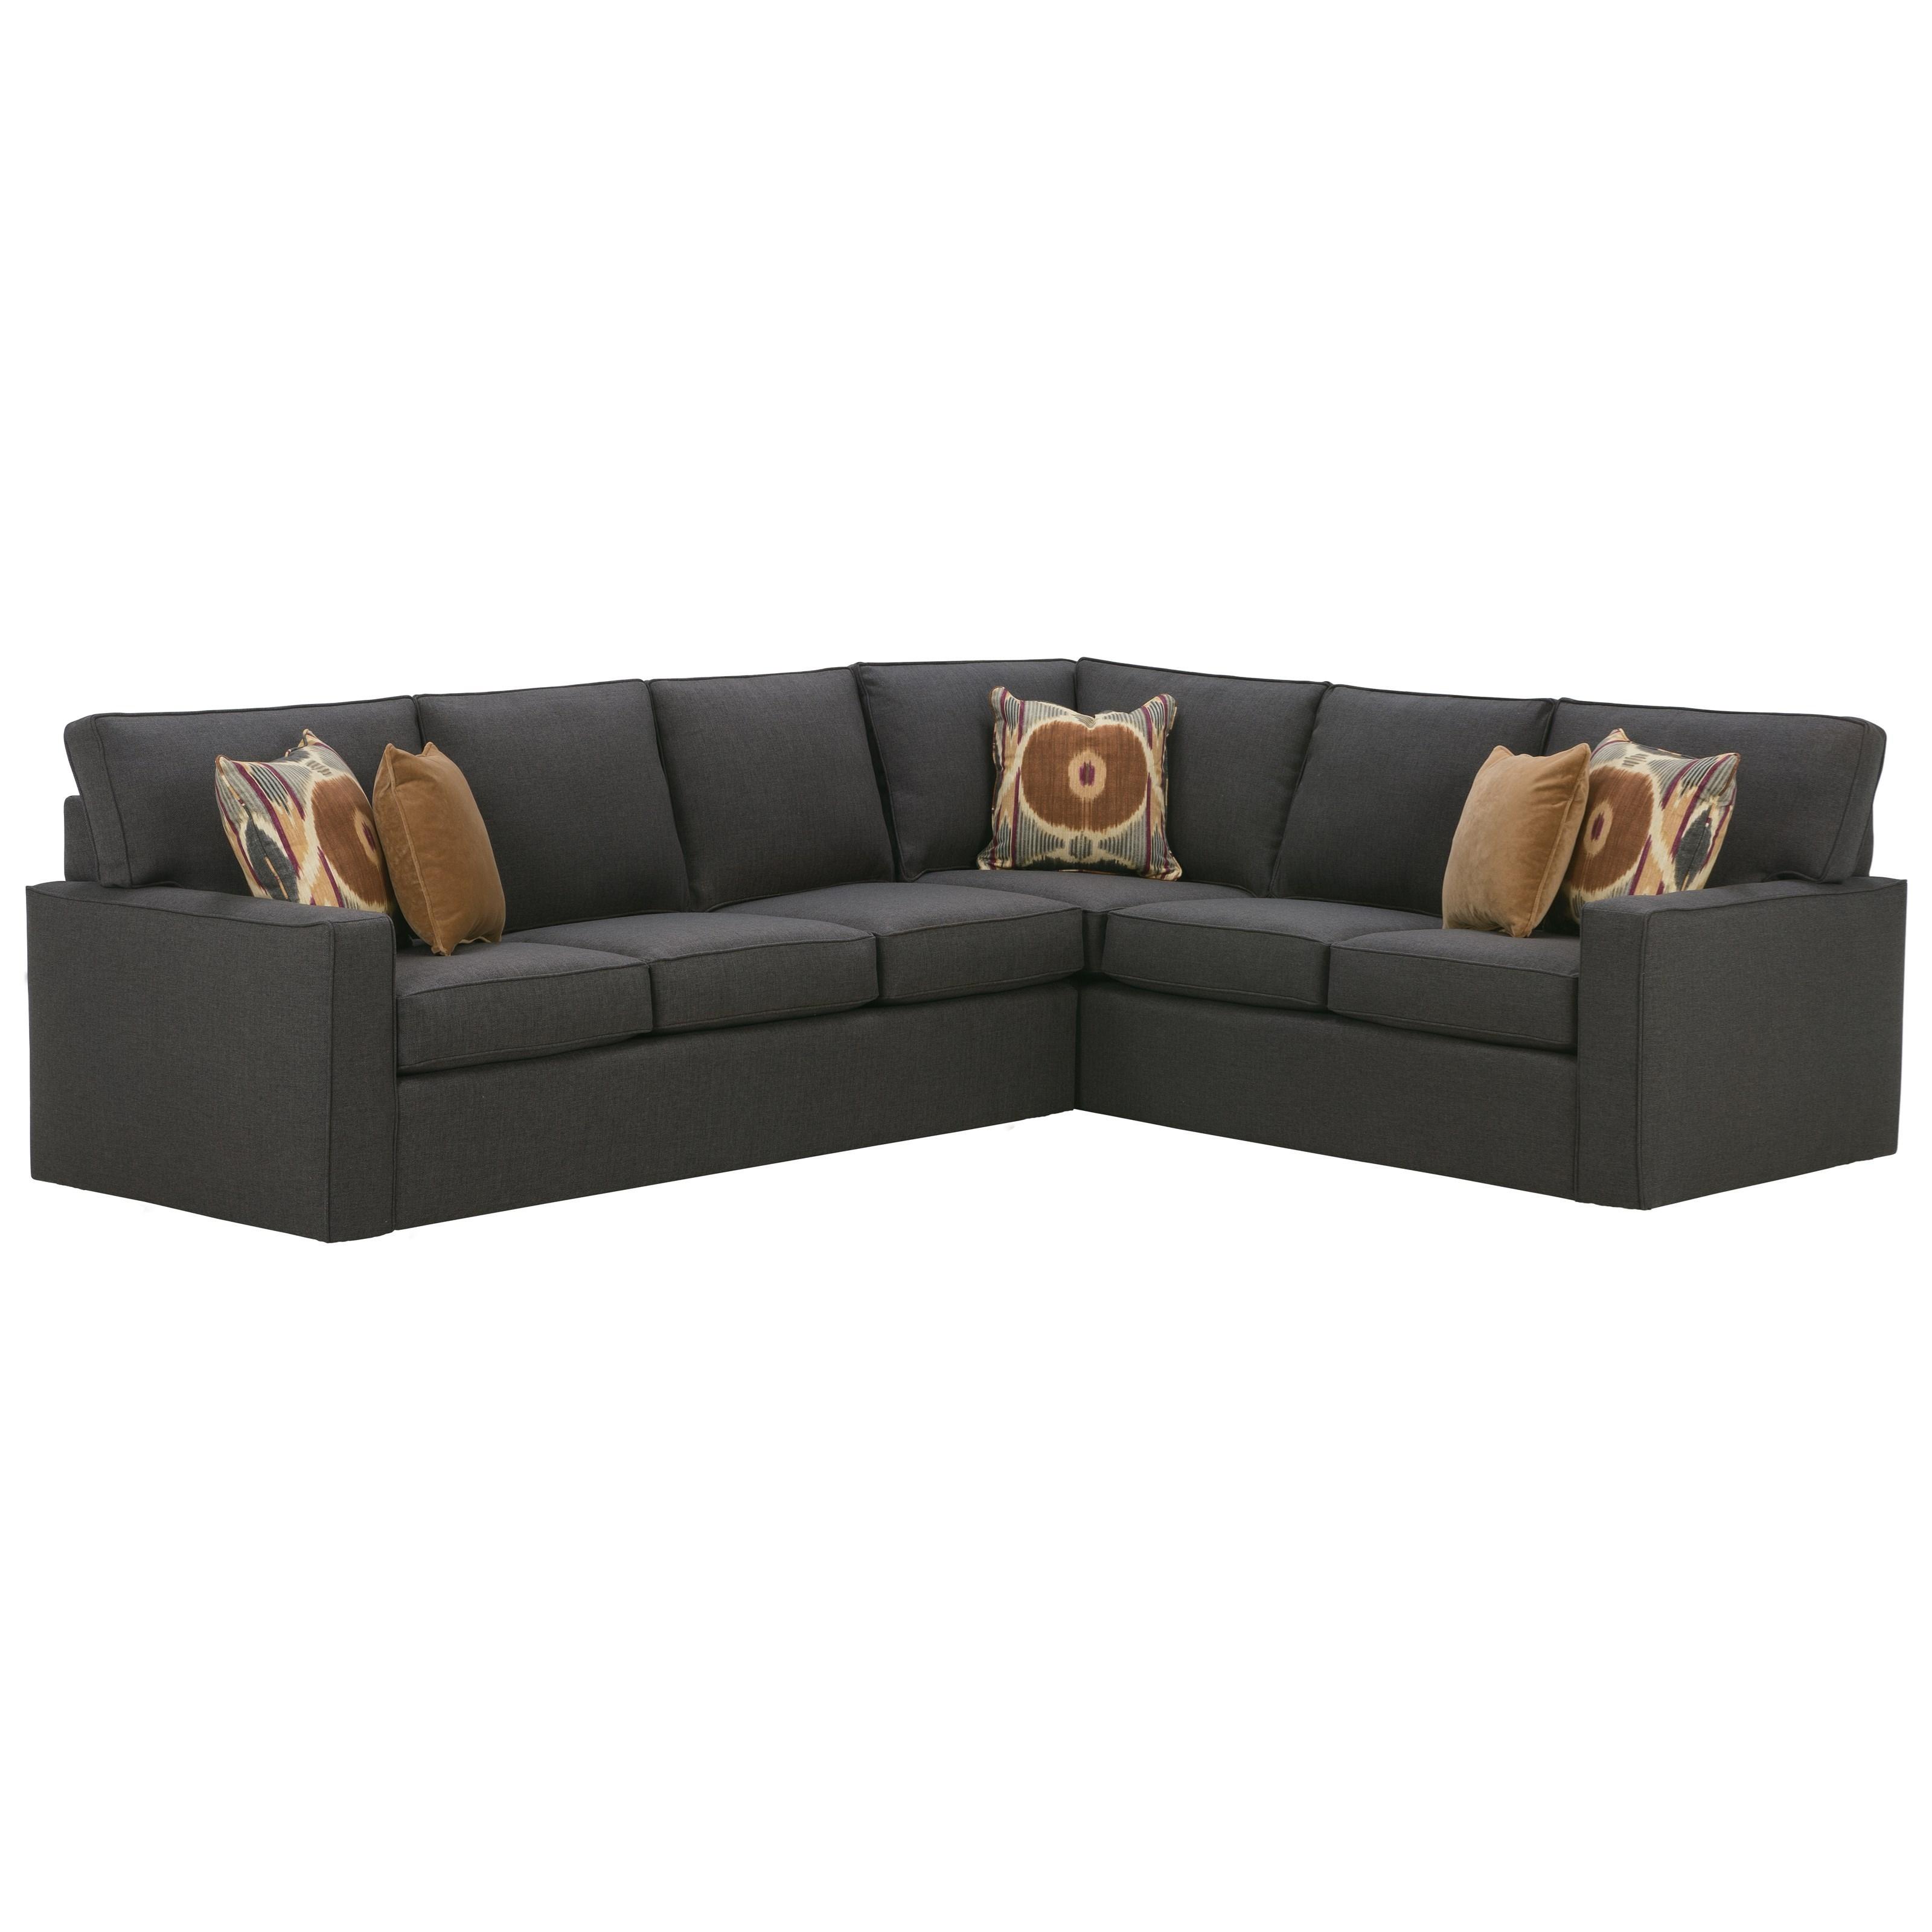 Rowe MonacoSectional Sofa ...